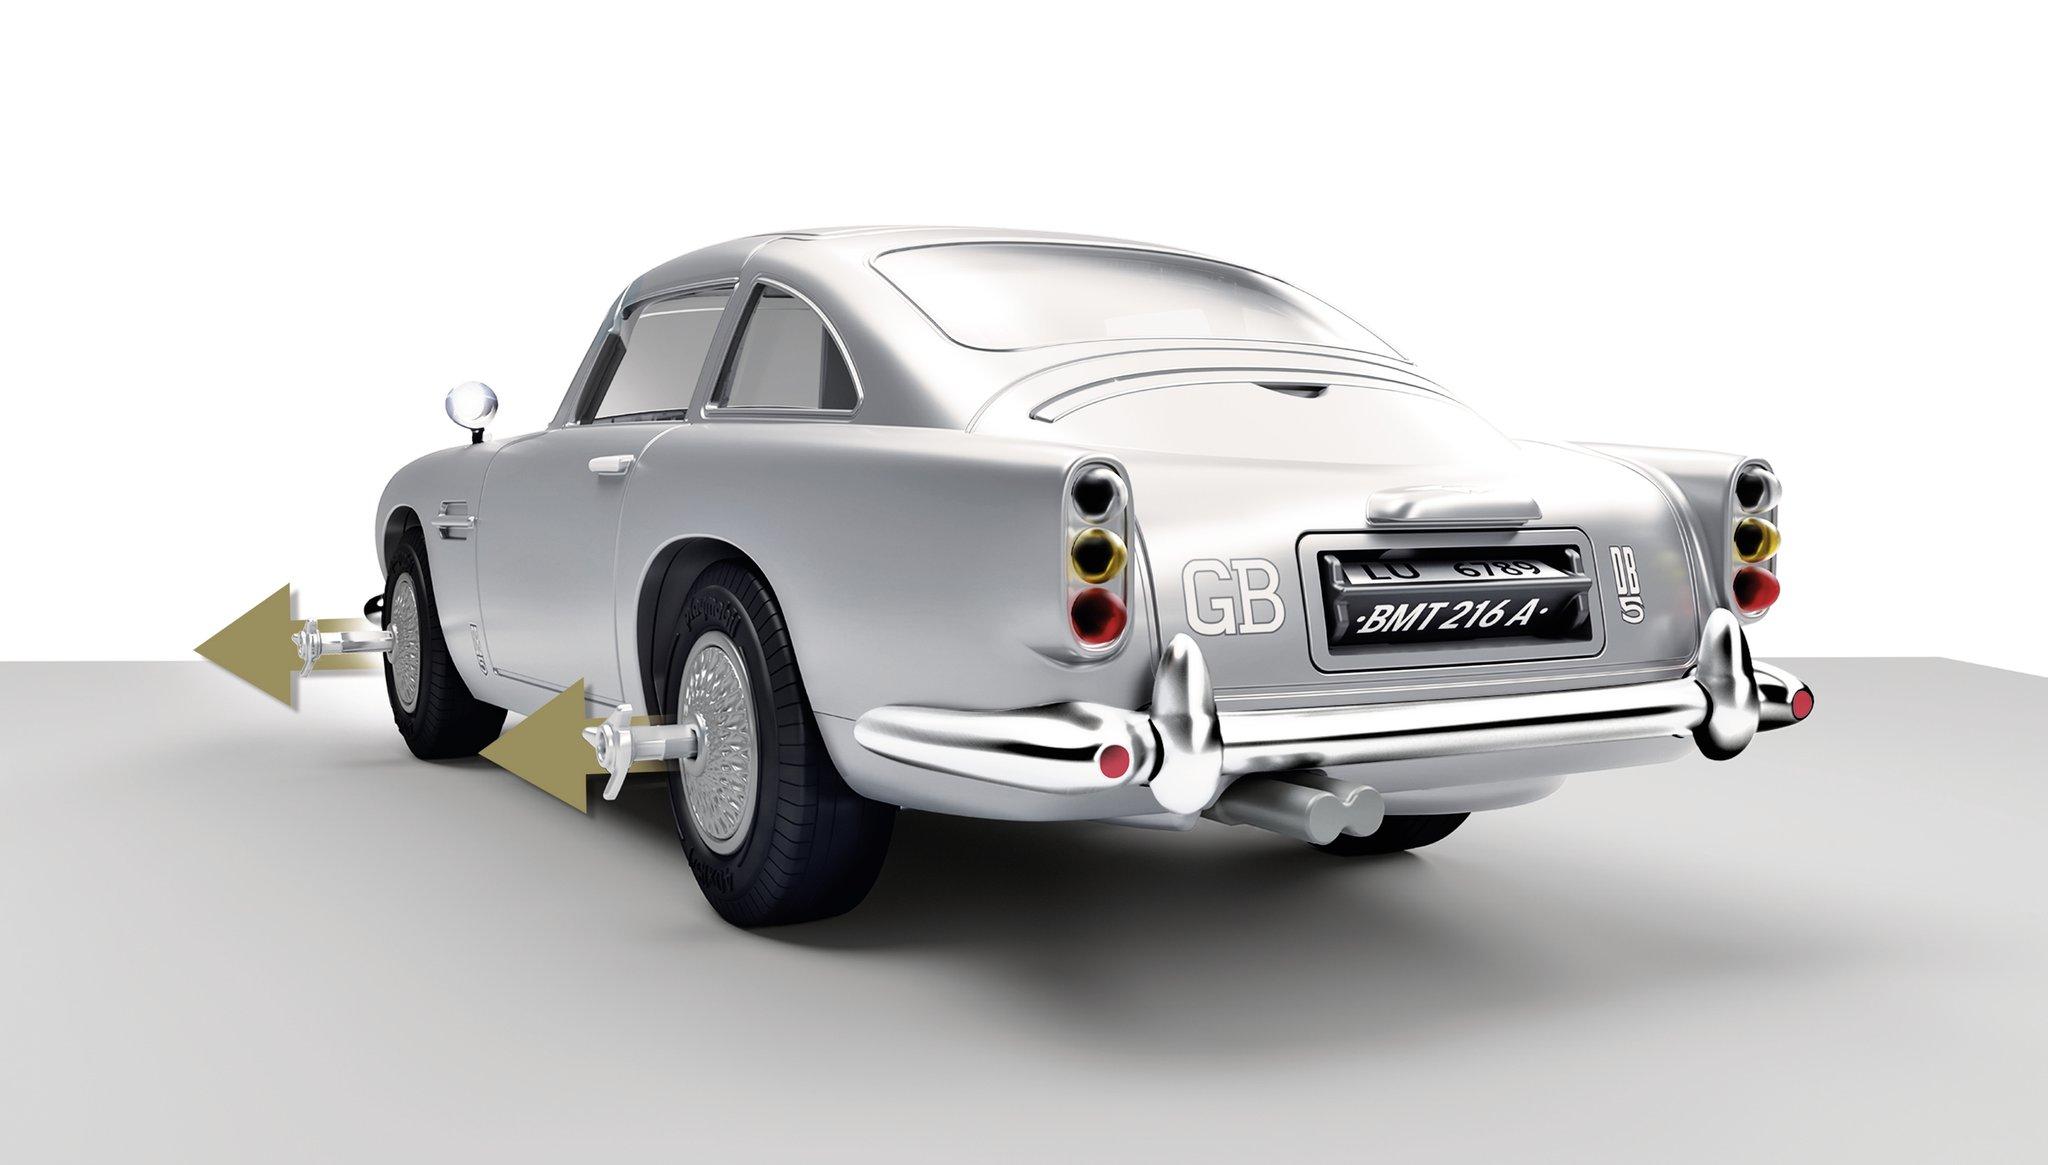 ASTON MARTIN DB5 JAMES BOND PLAYMOBIL – ÉDITION GOLDFINGER - Coupe-pneus rétractables sur les 4 pneus.